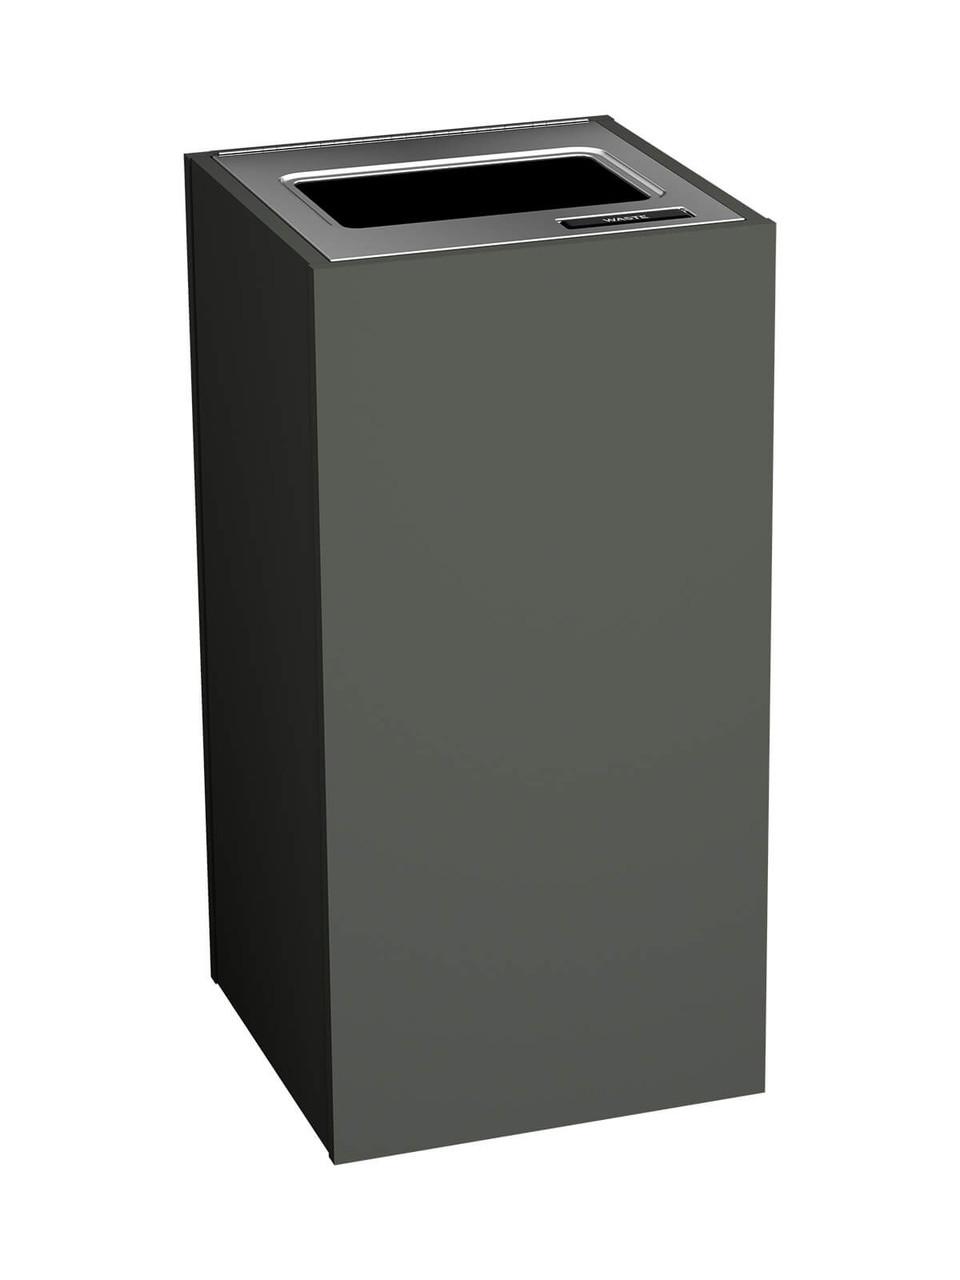 1 Stream 23 Gallon Aristata Tier 2 Recycling Bin 90912 Slate